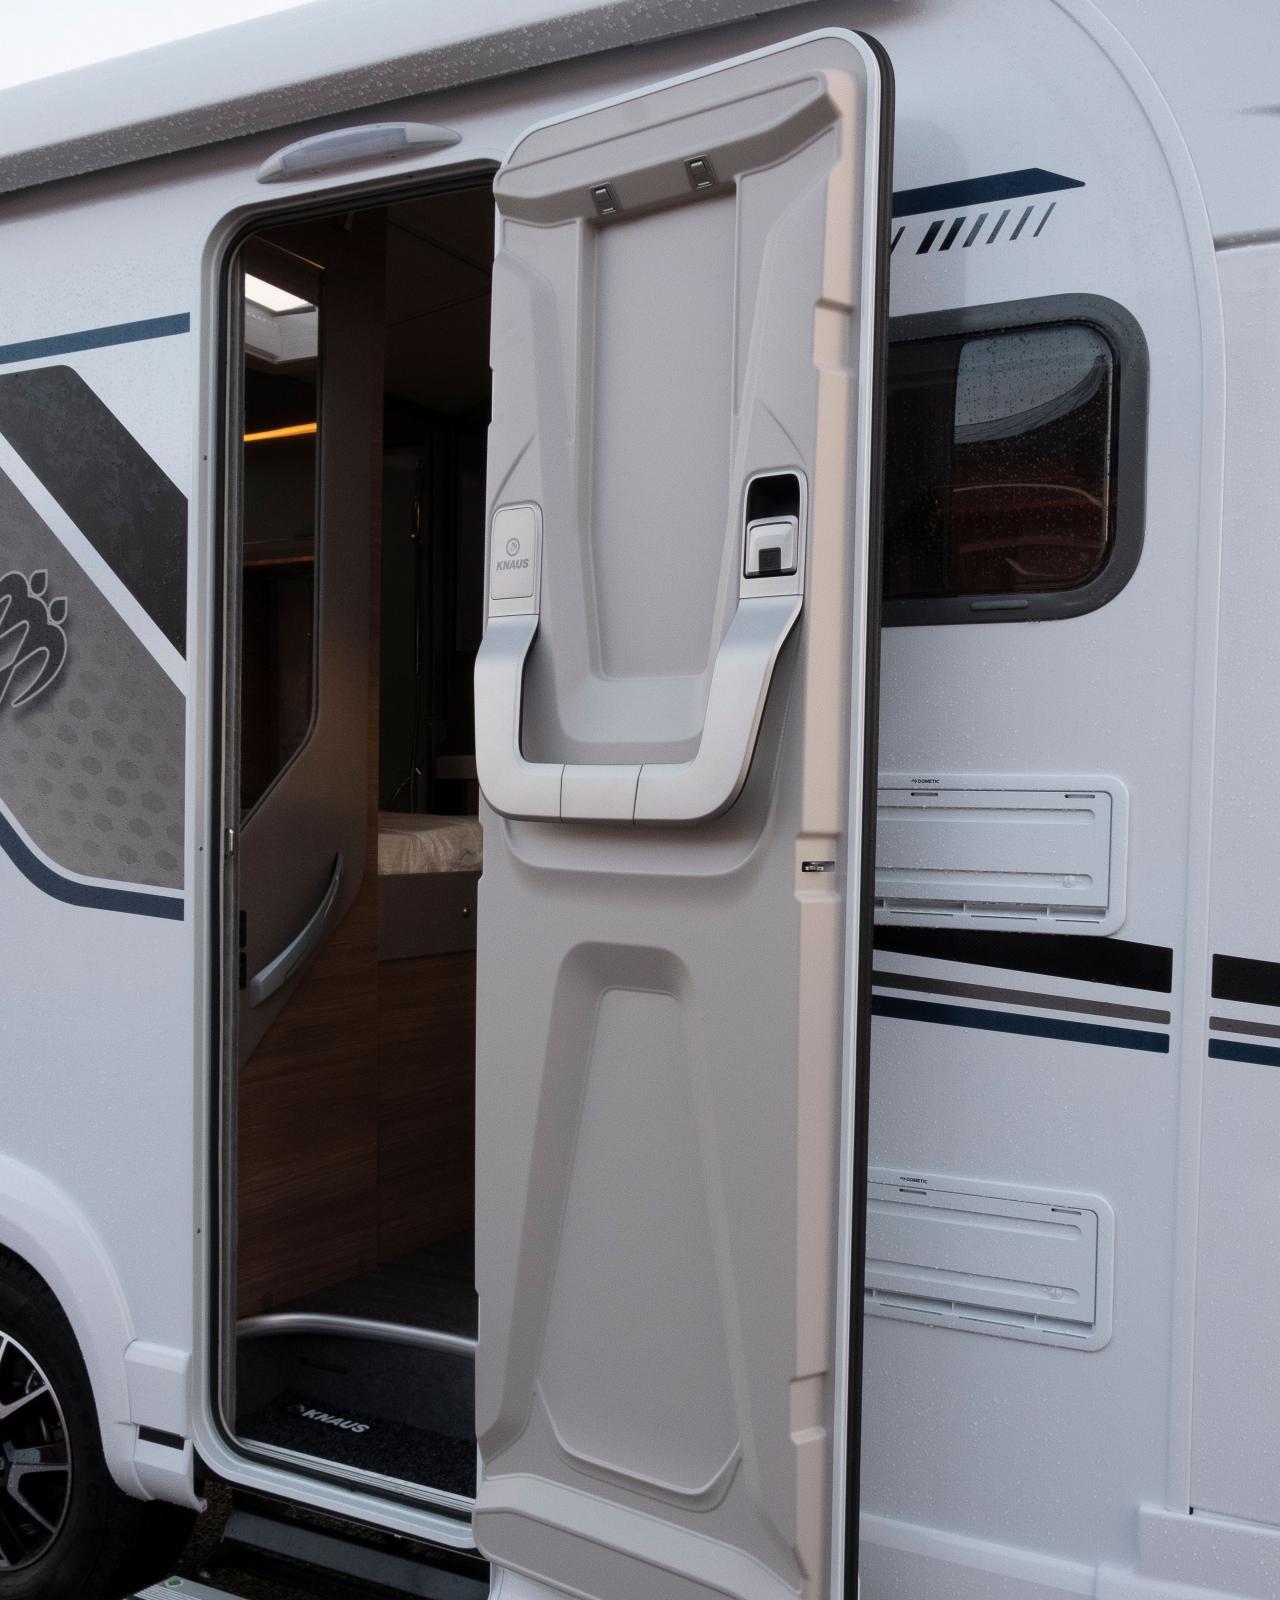 Ett yttre trappsteg och ett inre. Dörren är Knaus enklare modell utan fönster och förvaring men med krokar.